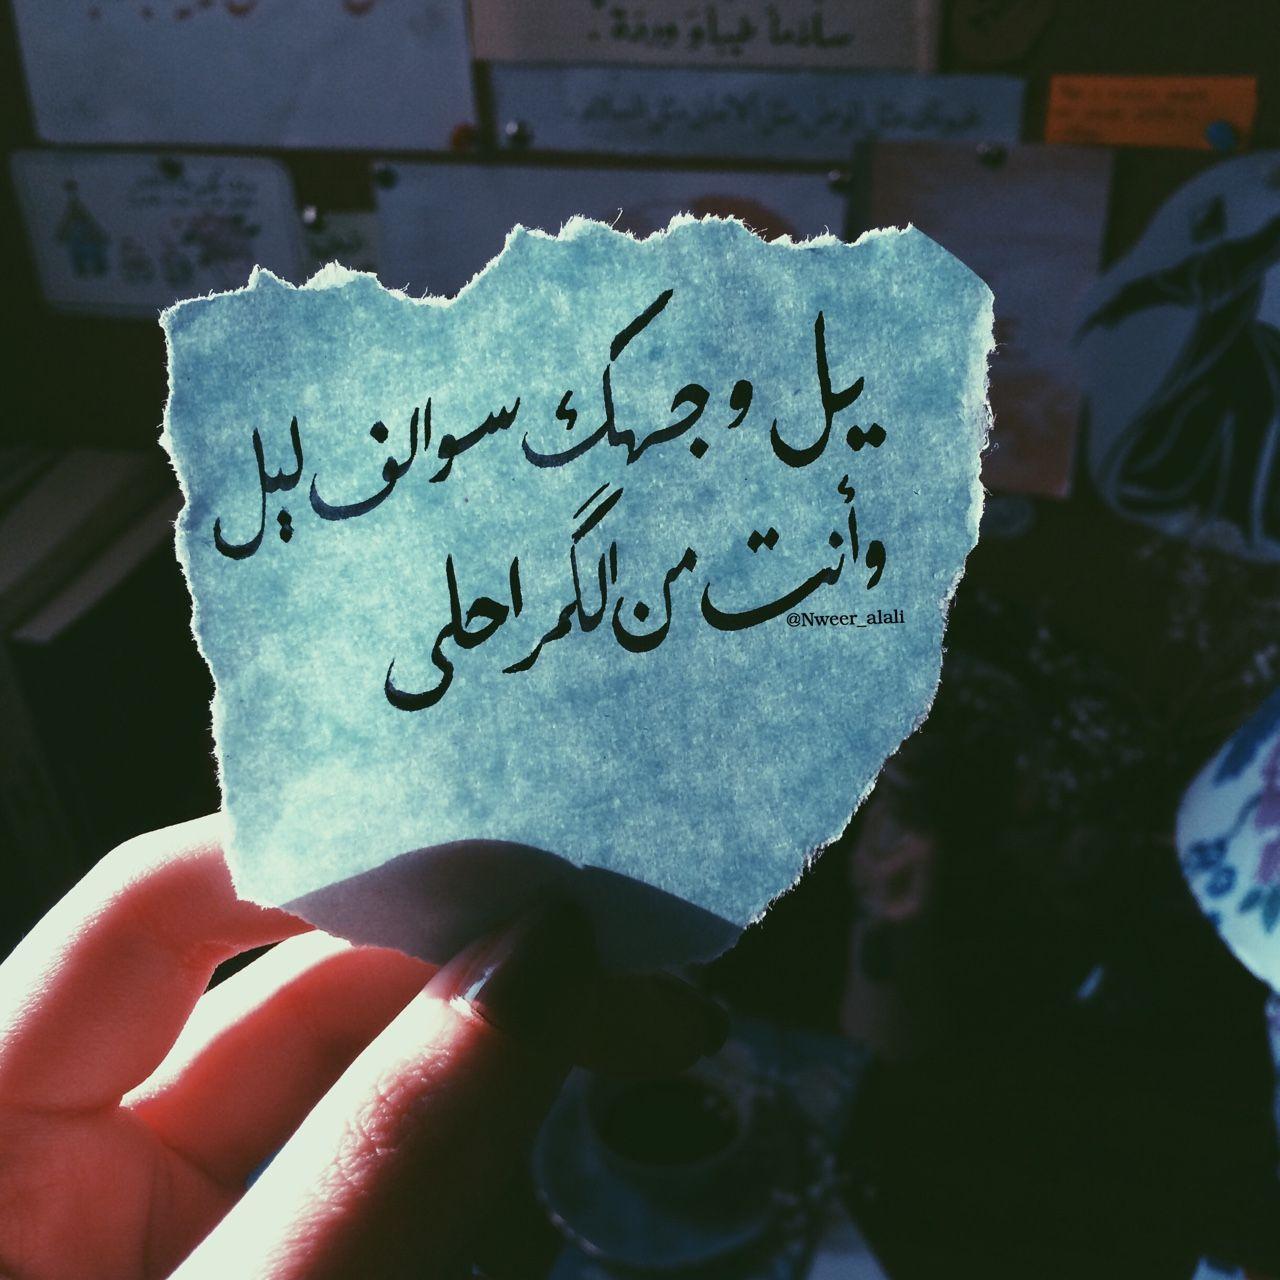 صورة كلام حب وعشق قصير , خير الكلام ما قل ودل الحب مش بالكلام الكتير